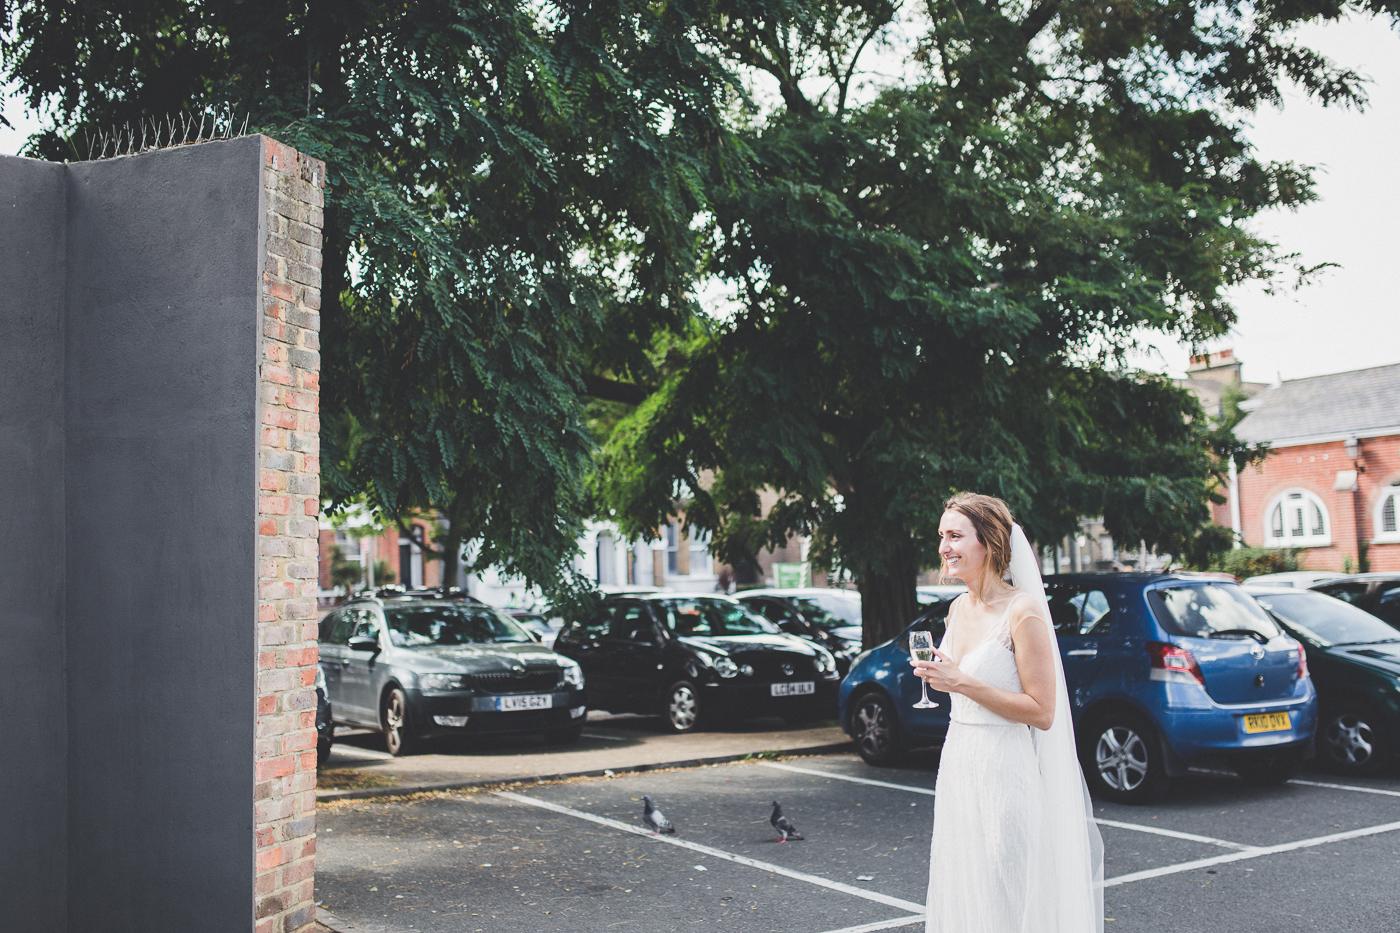 london-wedding-photographer-71.jpg